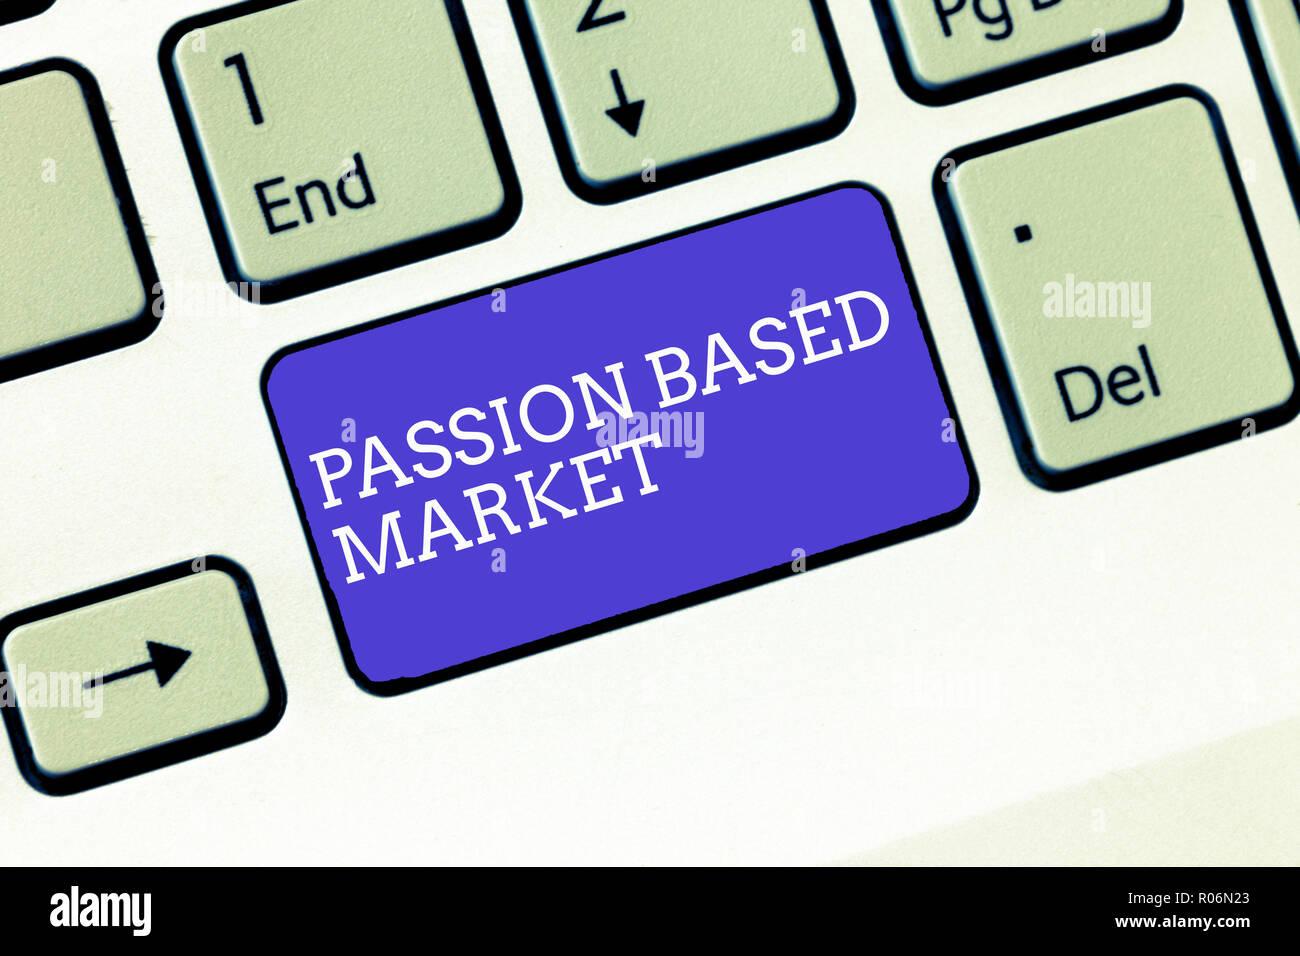 7aec4995d32 Escribir nota mostrando pasión en el mercado. Exhibición fotográfica de  negocios canal de ventas emocional de una estrategia centrada en  Personalizar.